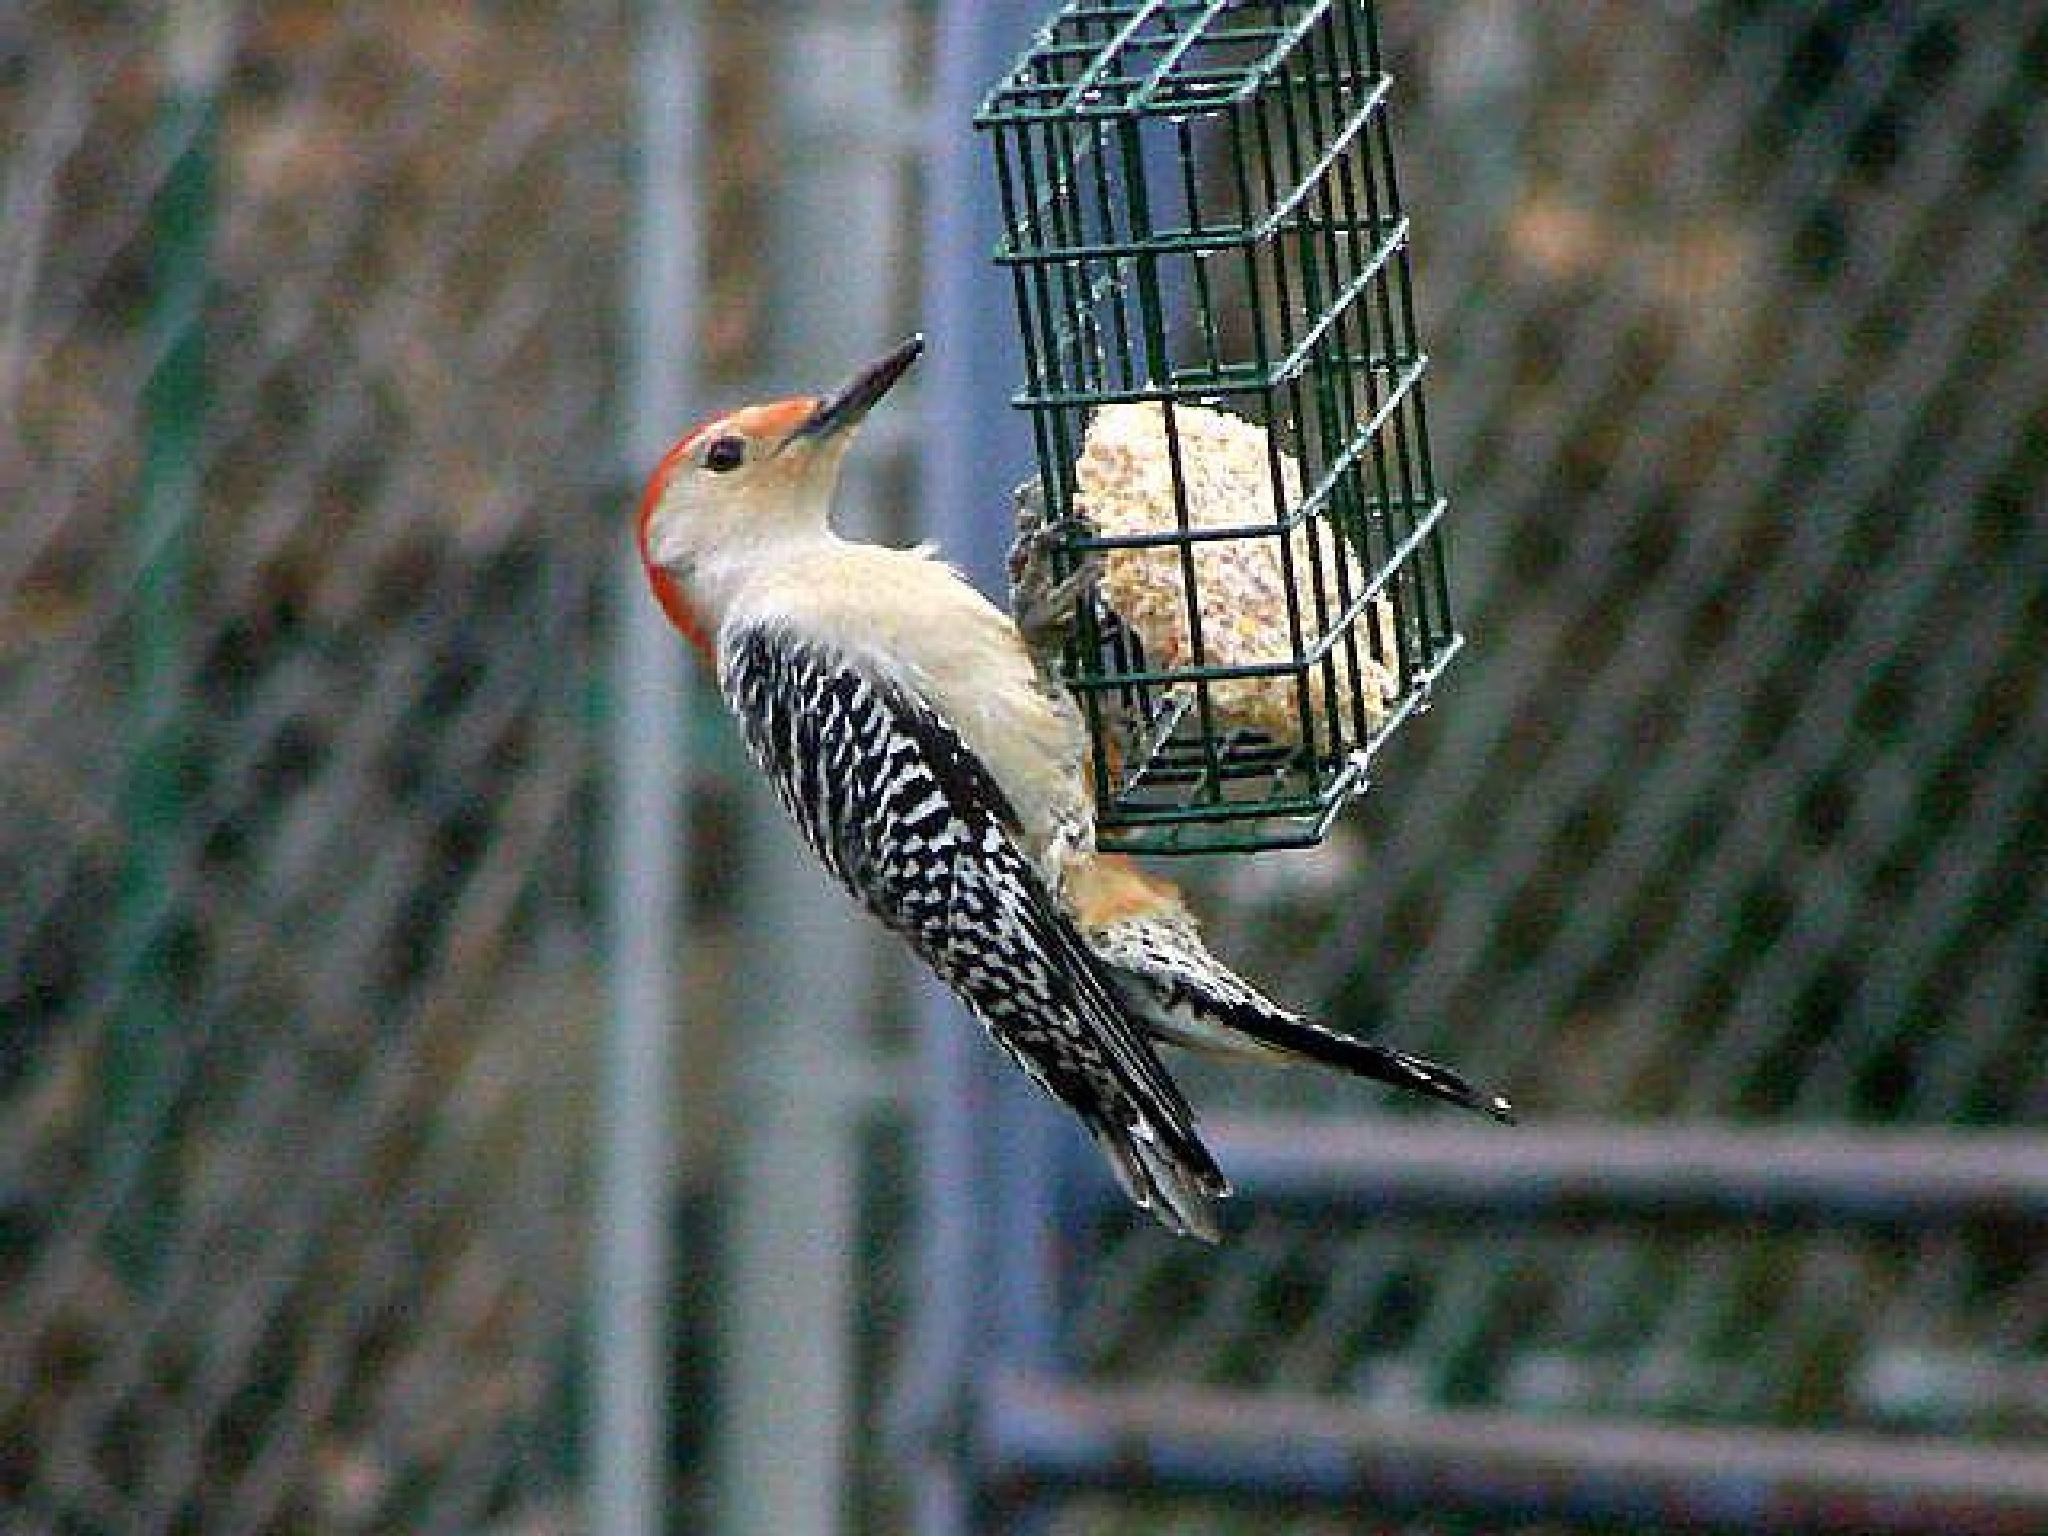 Red-bellied Woodpecker by pamela.raineri.1